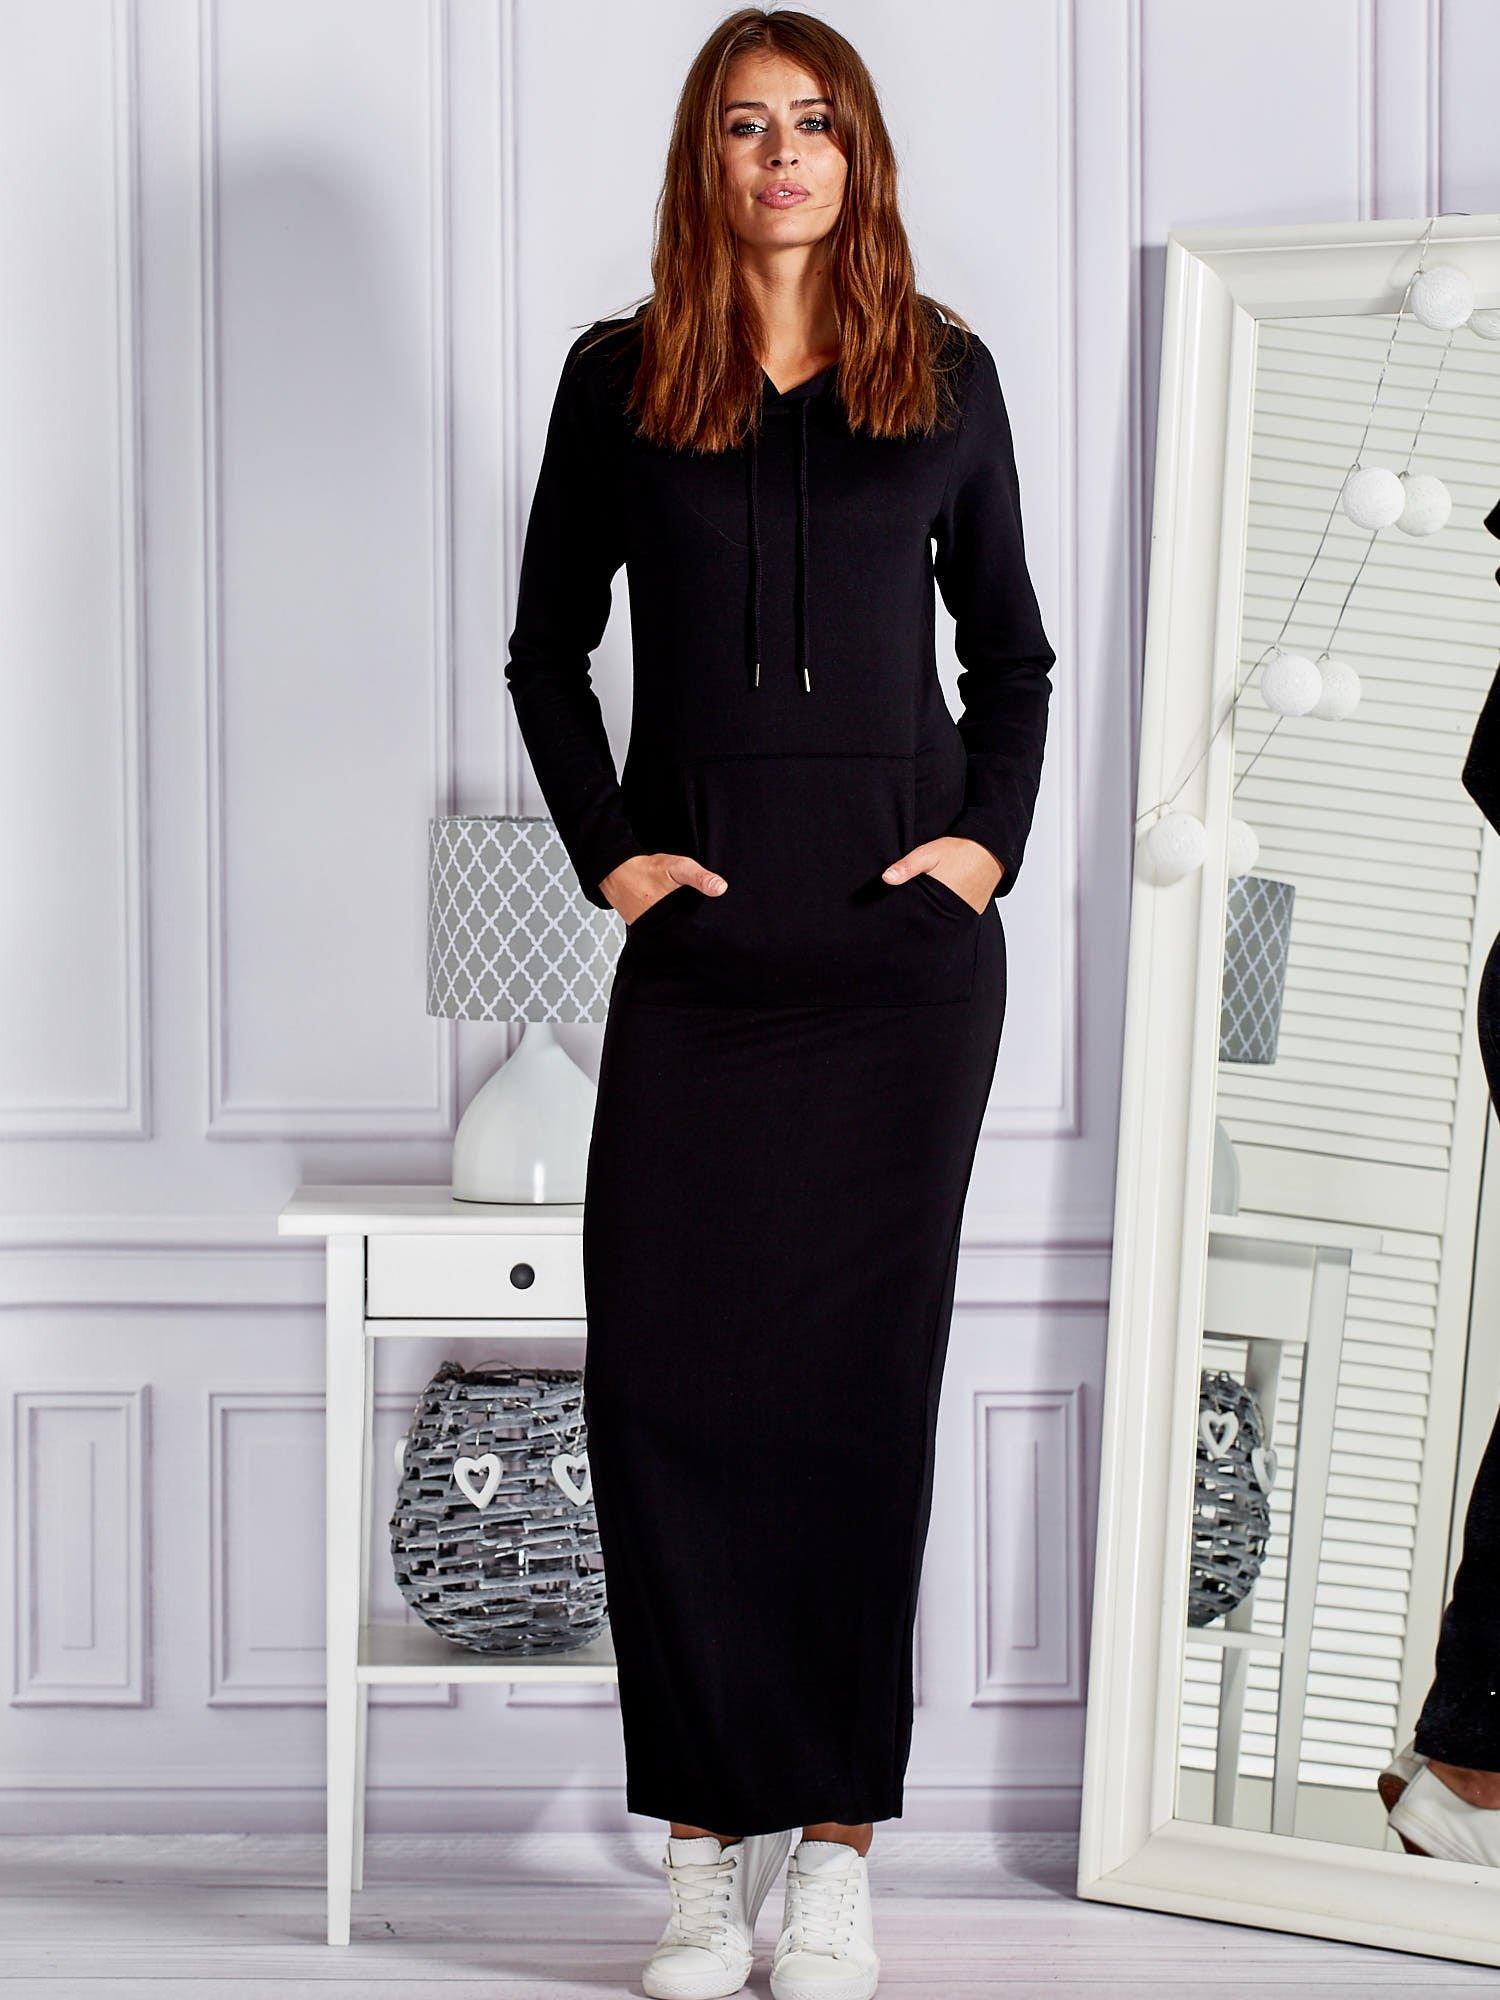 c390f4f2e4 Bawełniana sukienka maxi z kapturem i kieszeniami czarna - Sukienka ...